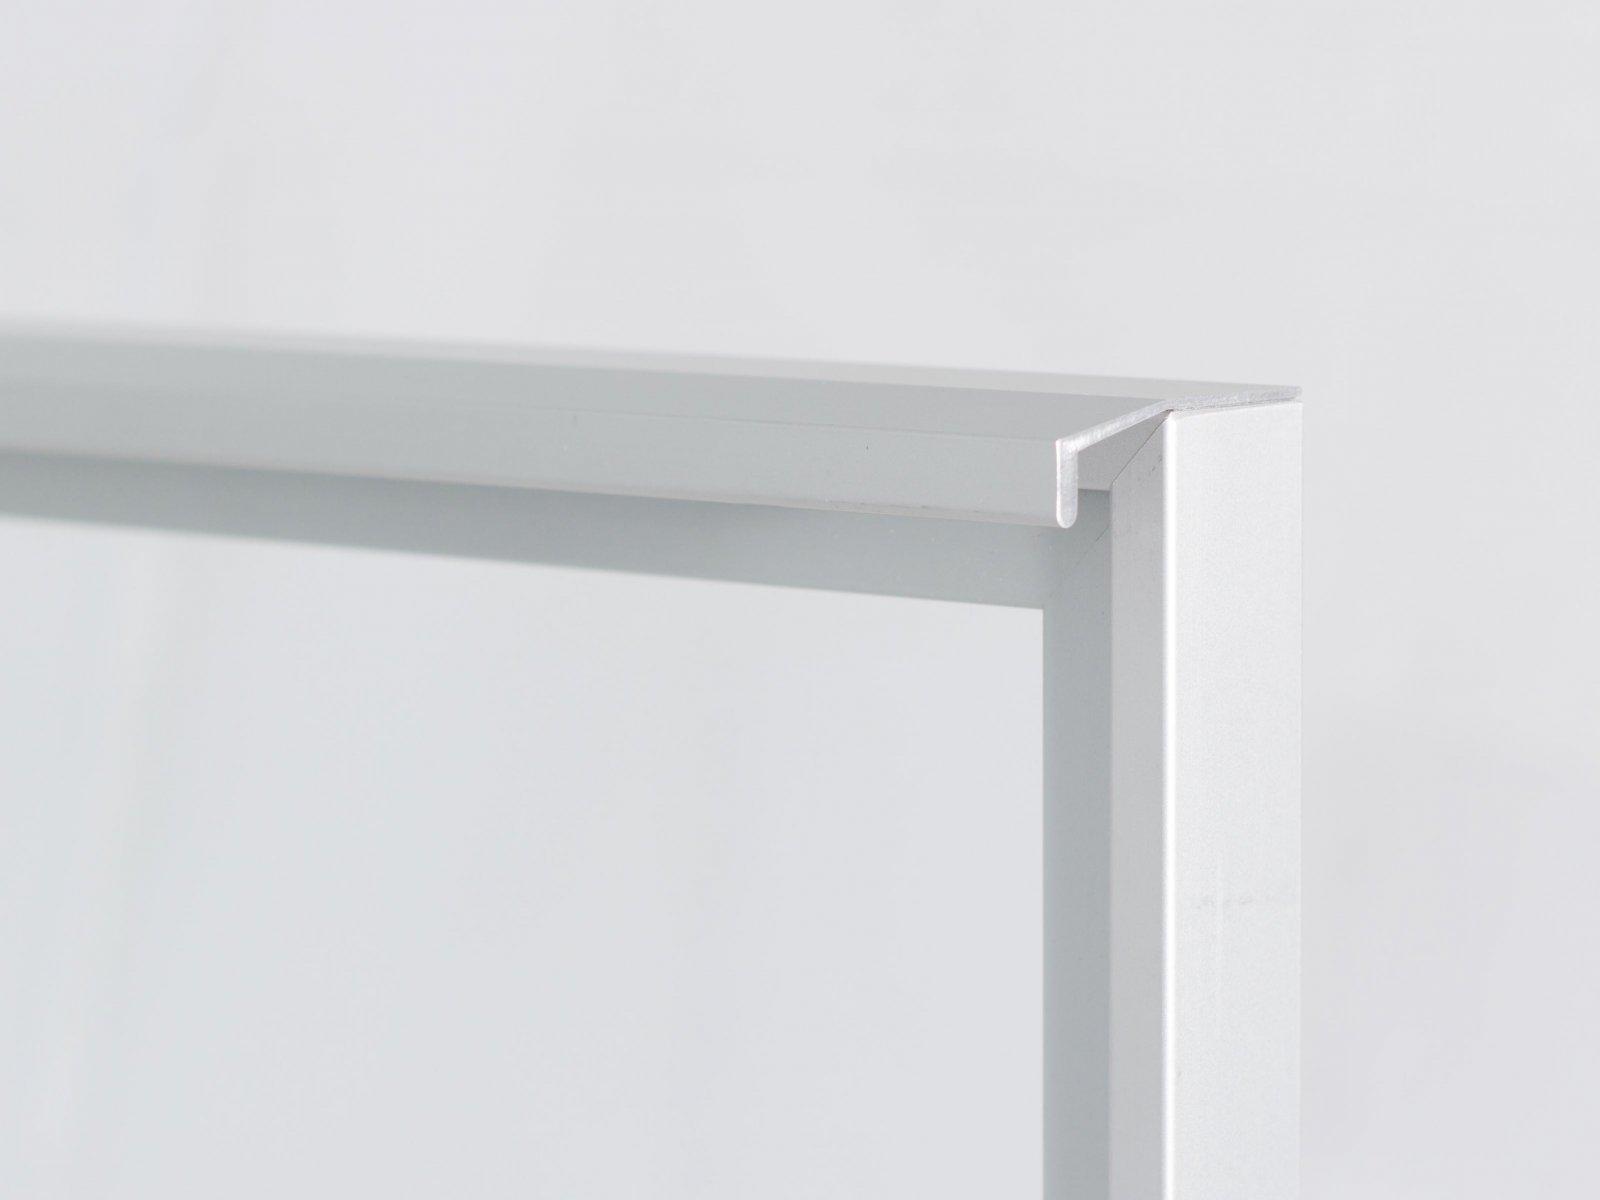 Porta-4 (Perfil V03 mate + puxador L05 mate + vidro incolor)